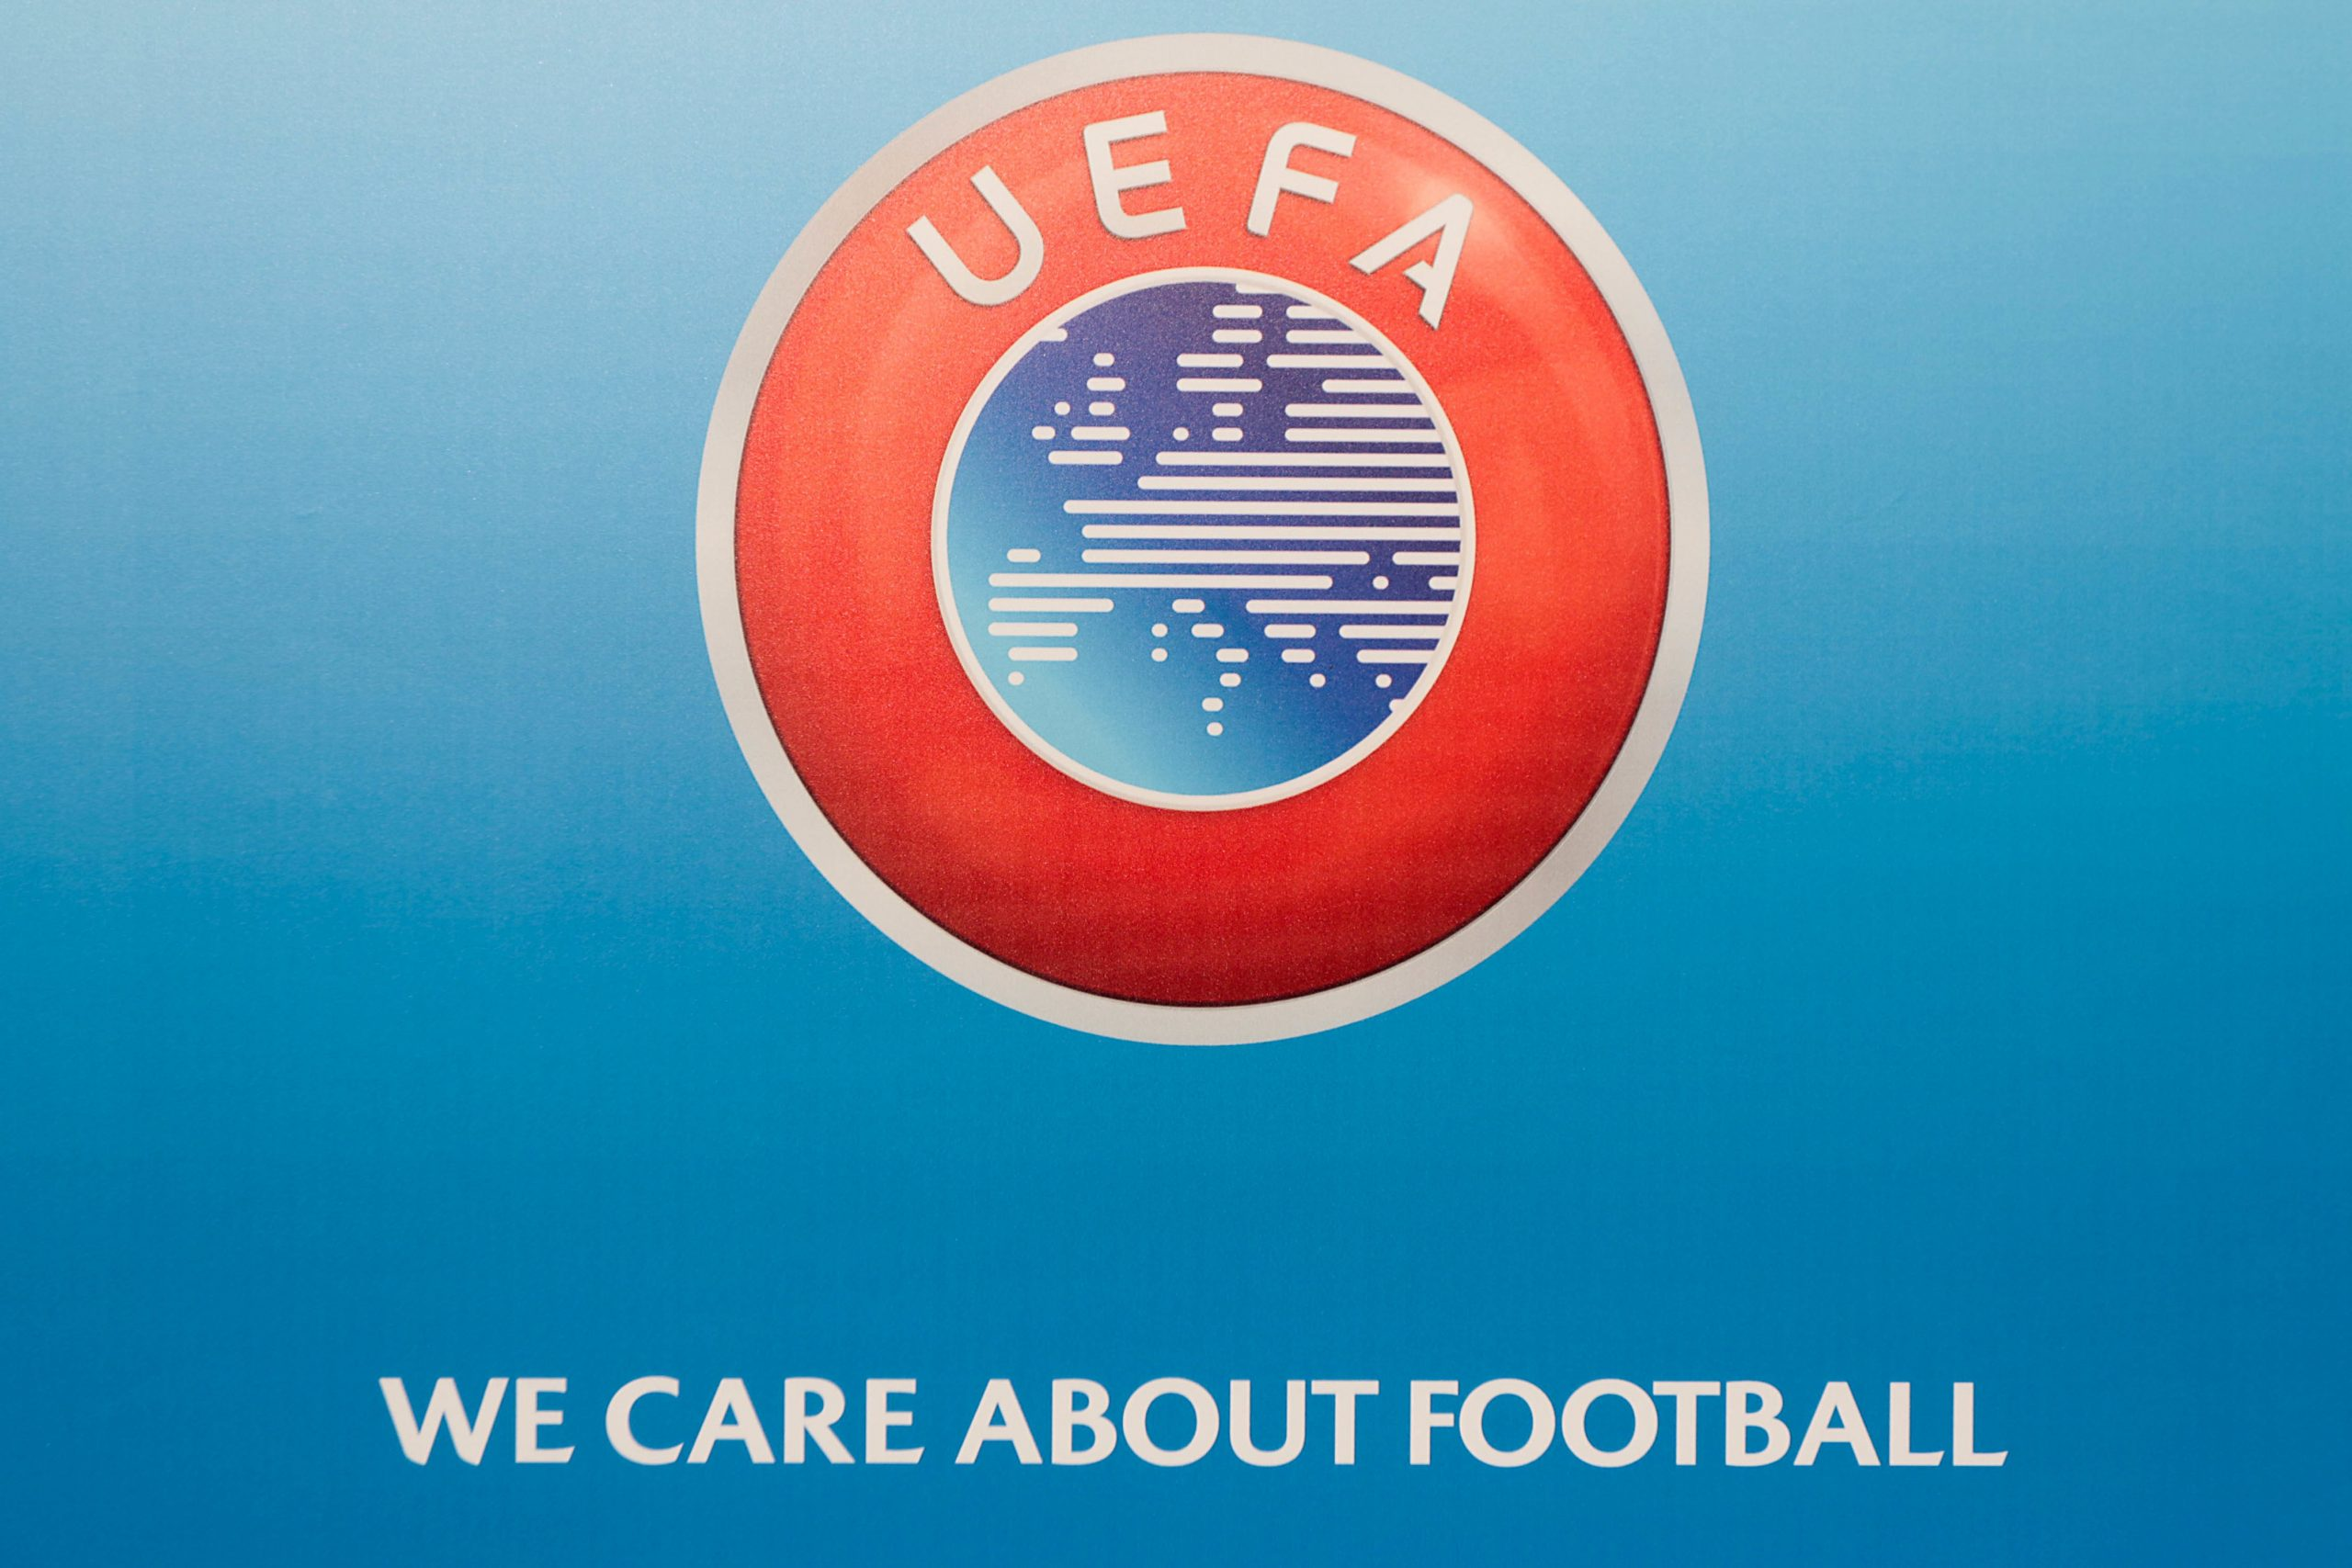 La Fédération Belge de Football a réagi à la menace de l'UEFA